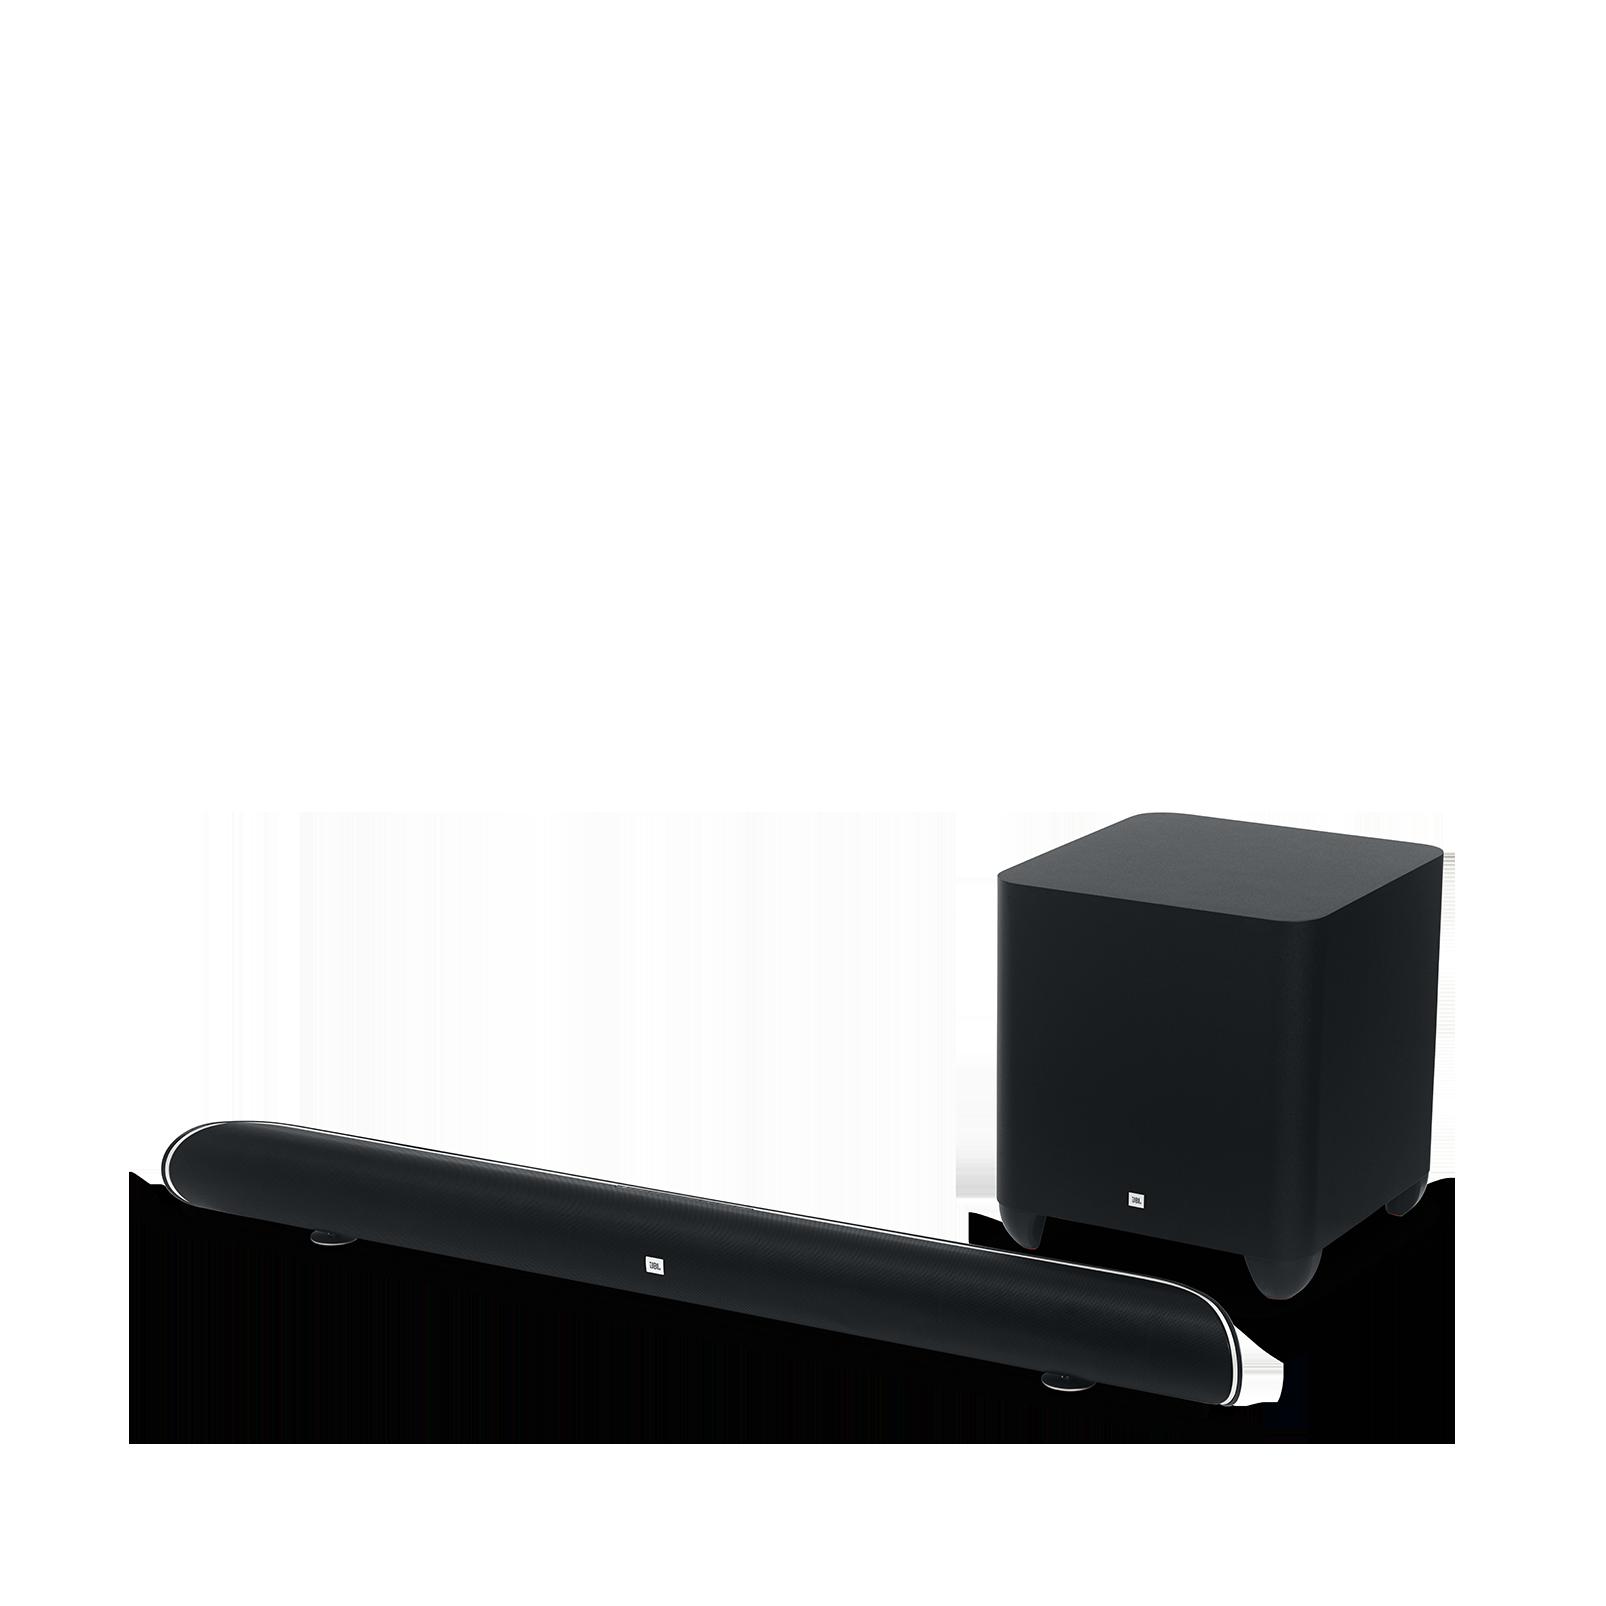 84f86f4949a JBL Cinema SB250 Sistema de barra de sonido para TV